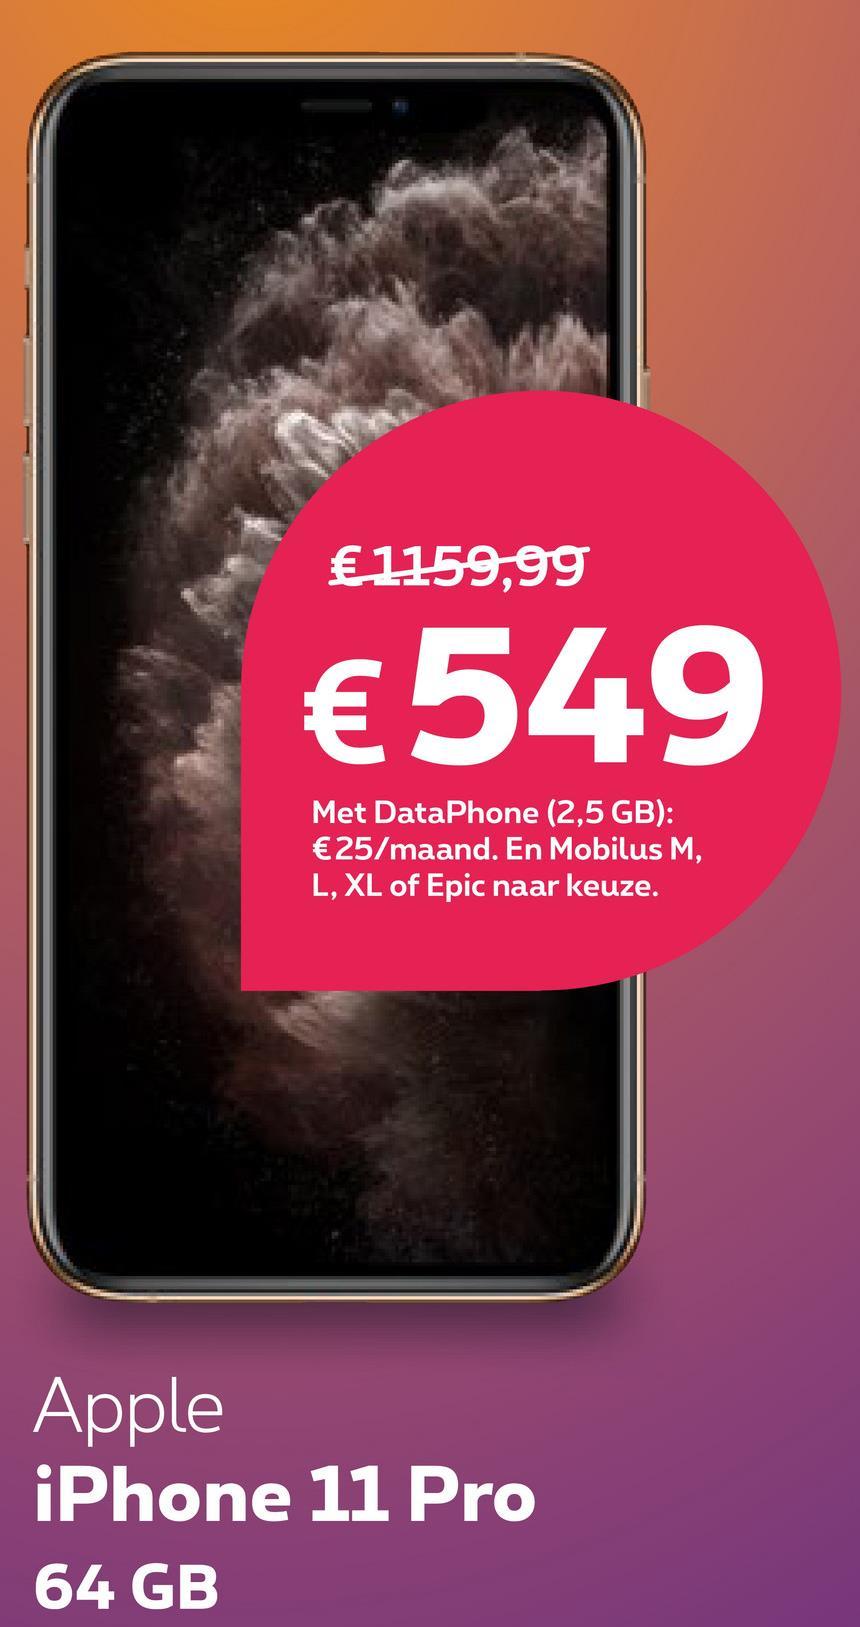 € 1159,99 €549 Met DataPhone (2,5 GB): €25/maand. En Mobilus M, L, XL of Epic naar keuze. Apple iPhone 11 Pro 64 GB